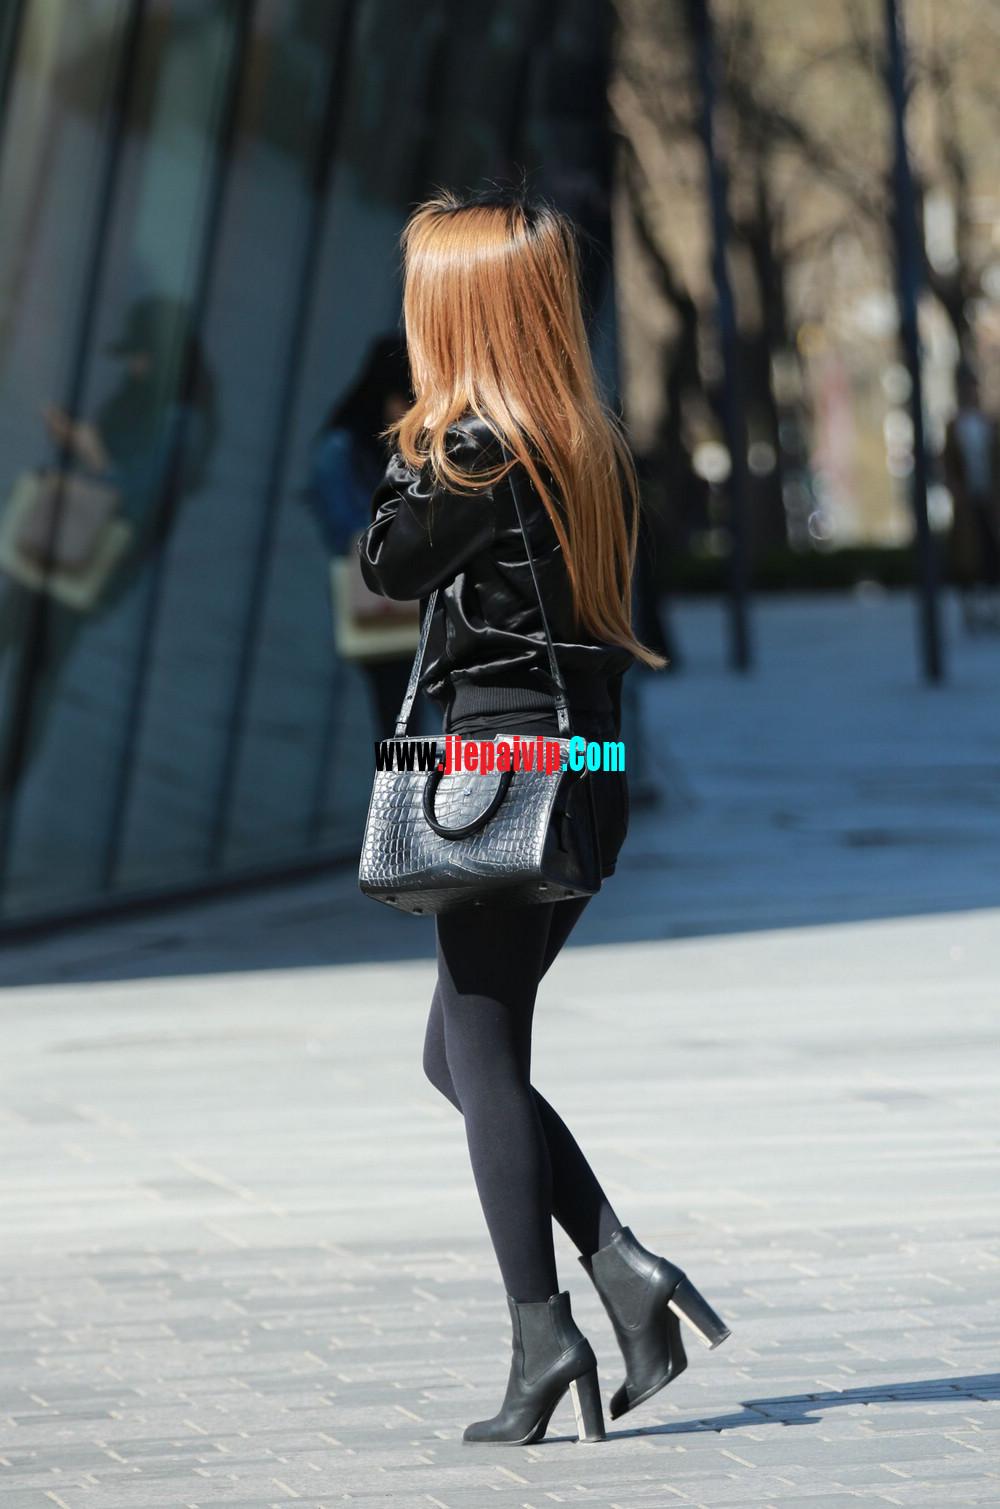 时髦的黑丝美腿美女,边上的色男人一直盯着她的丝袜美腿1